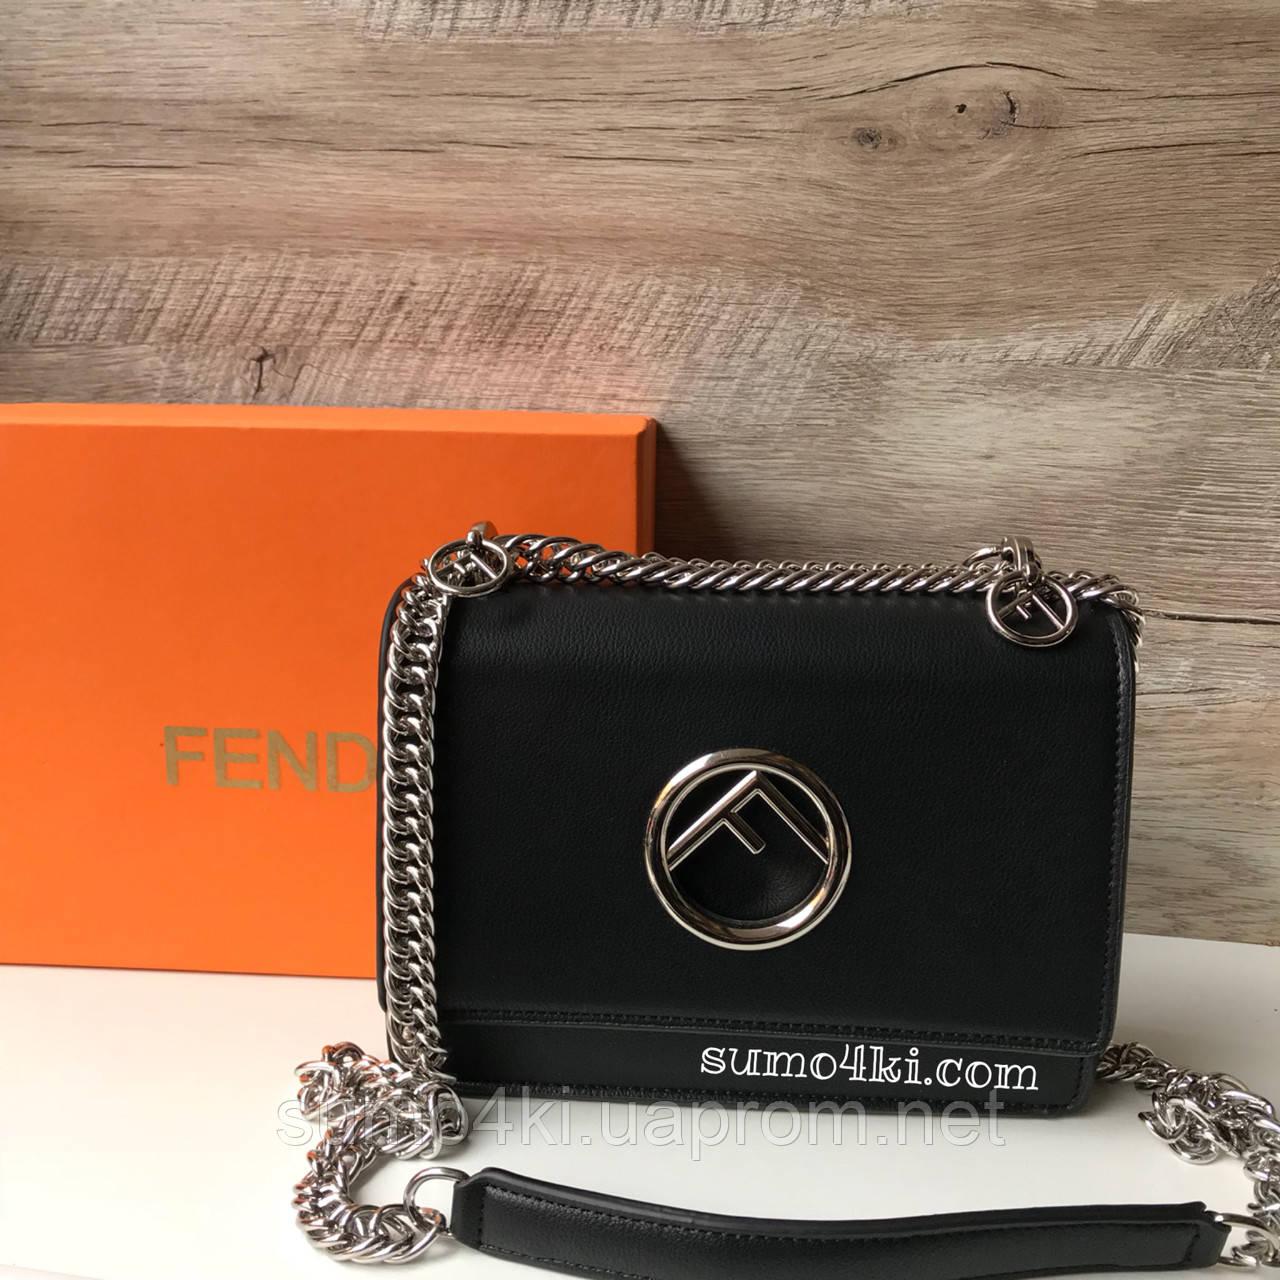 0eda188bcdd6 Купить Женскую стильную сумку Fendi Фенди оптом и в розницу в Одессе ...